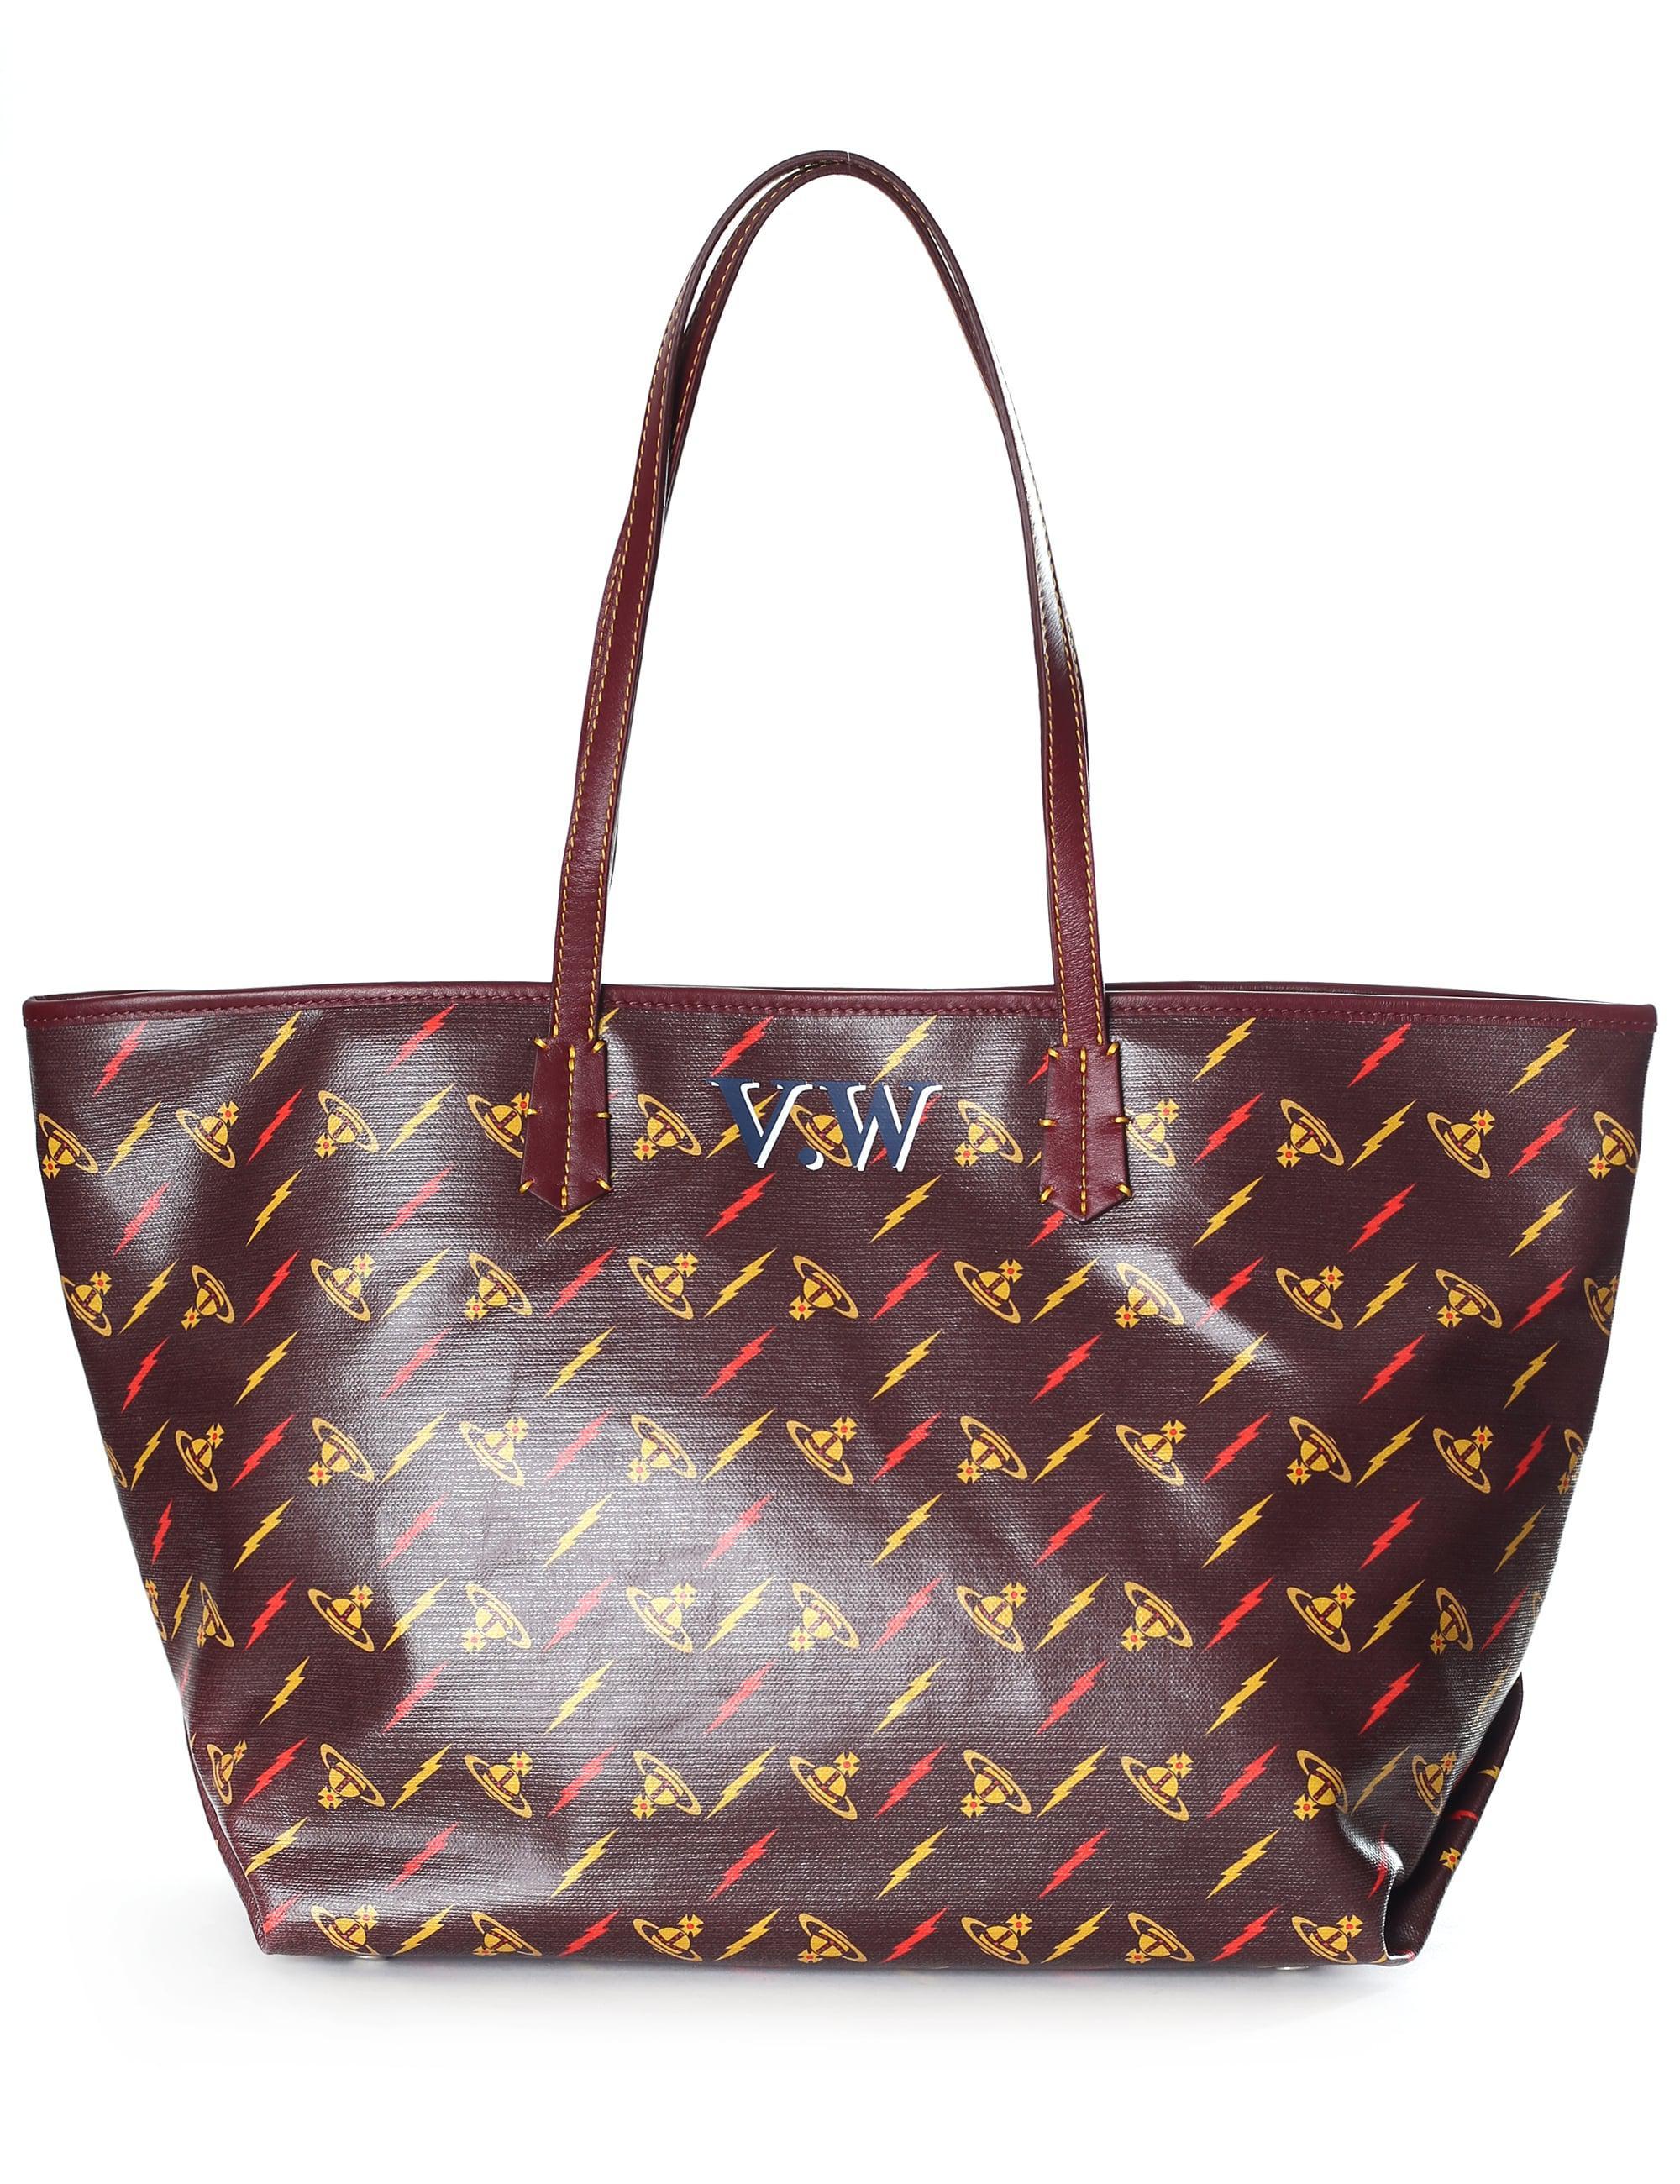 Vivienne Westwood Colette Small Shopper (Burgundy) Handbags LaUxv